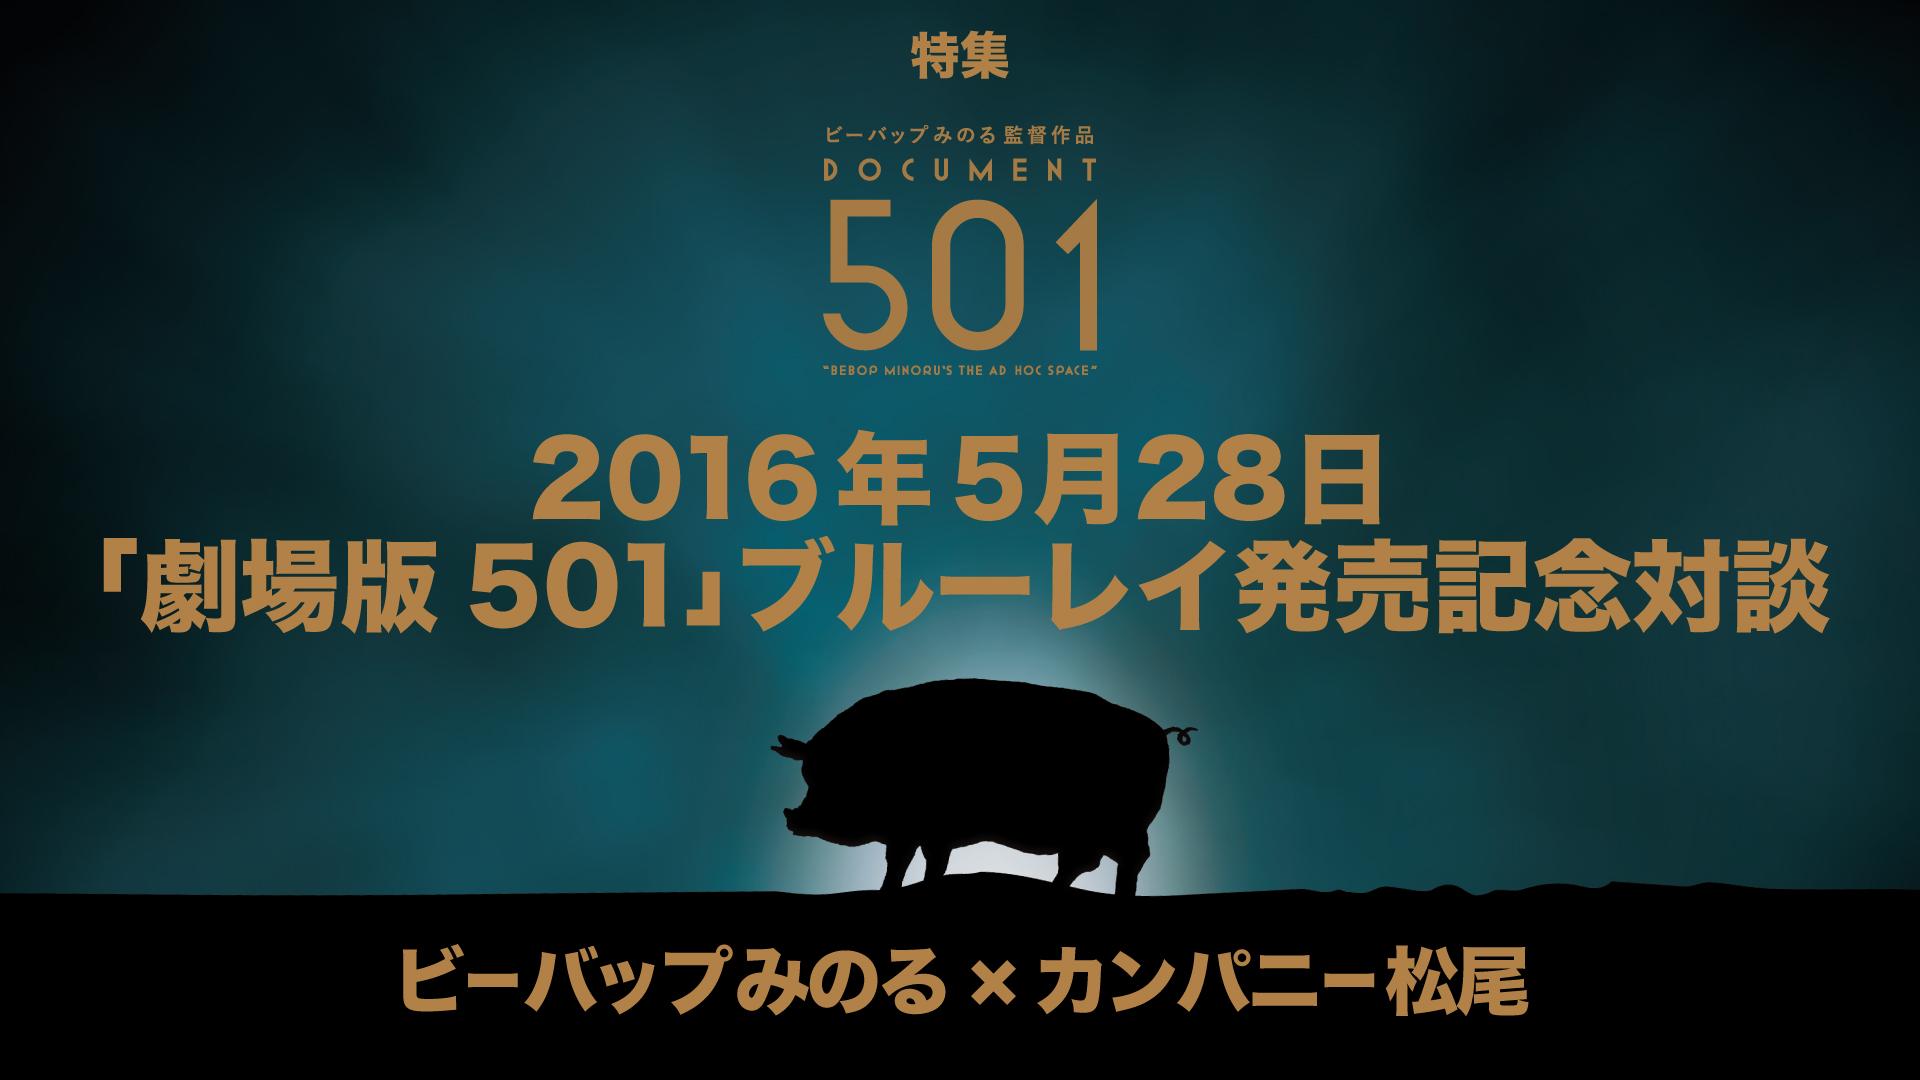 ビーバップみのる×カンパニー松尾「アフター501対談」